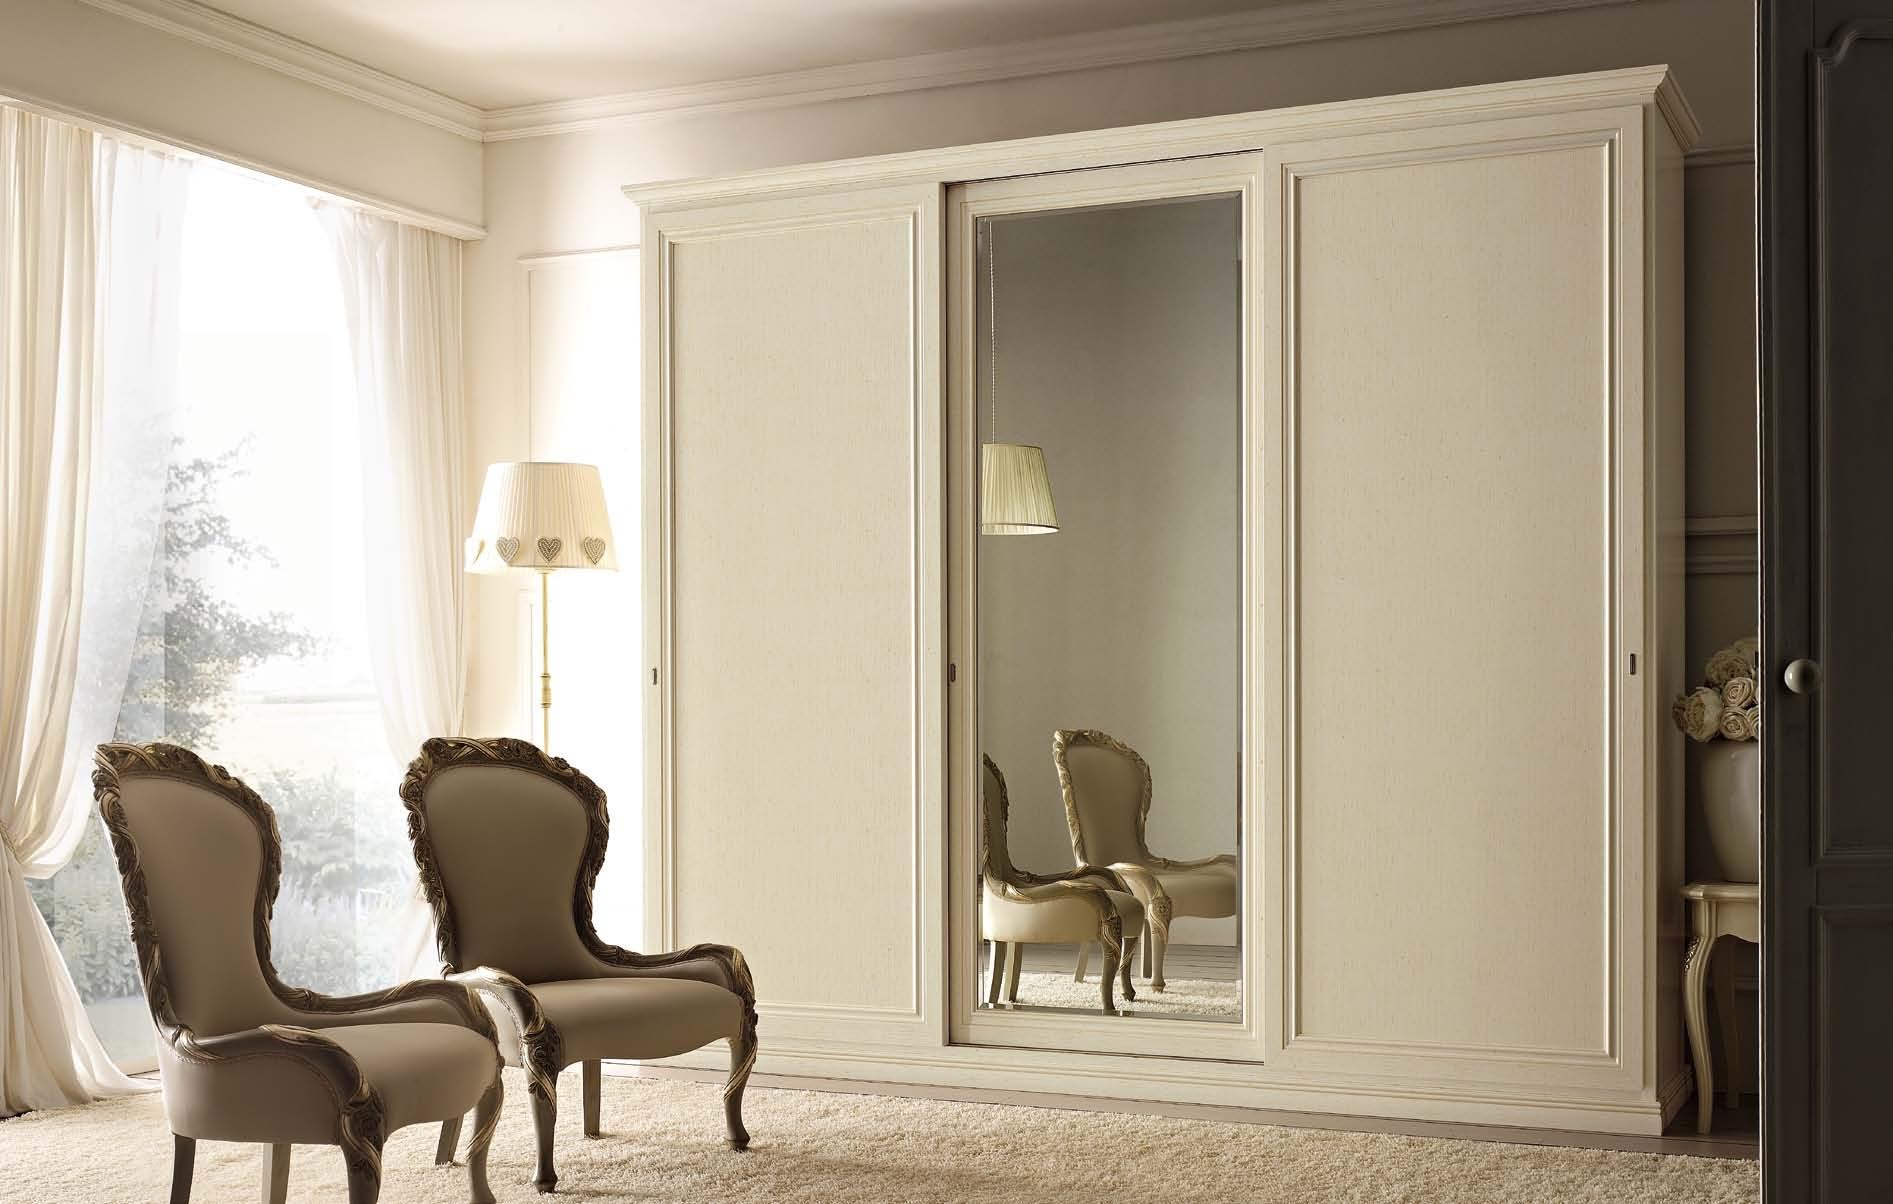 Armadi scorrevoli particolari - Specchio in legno ...